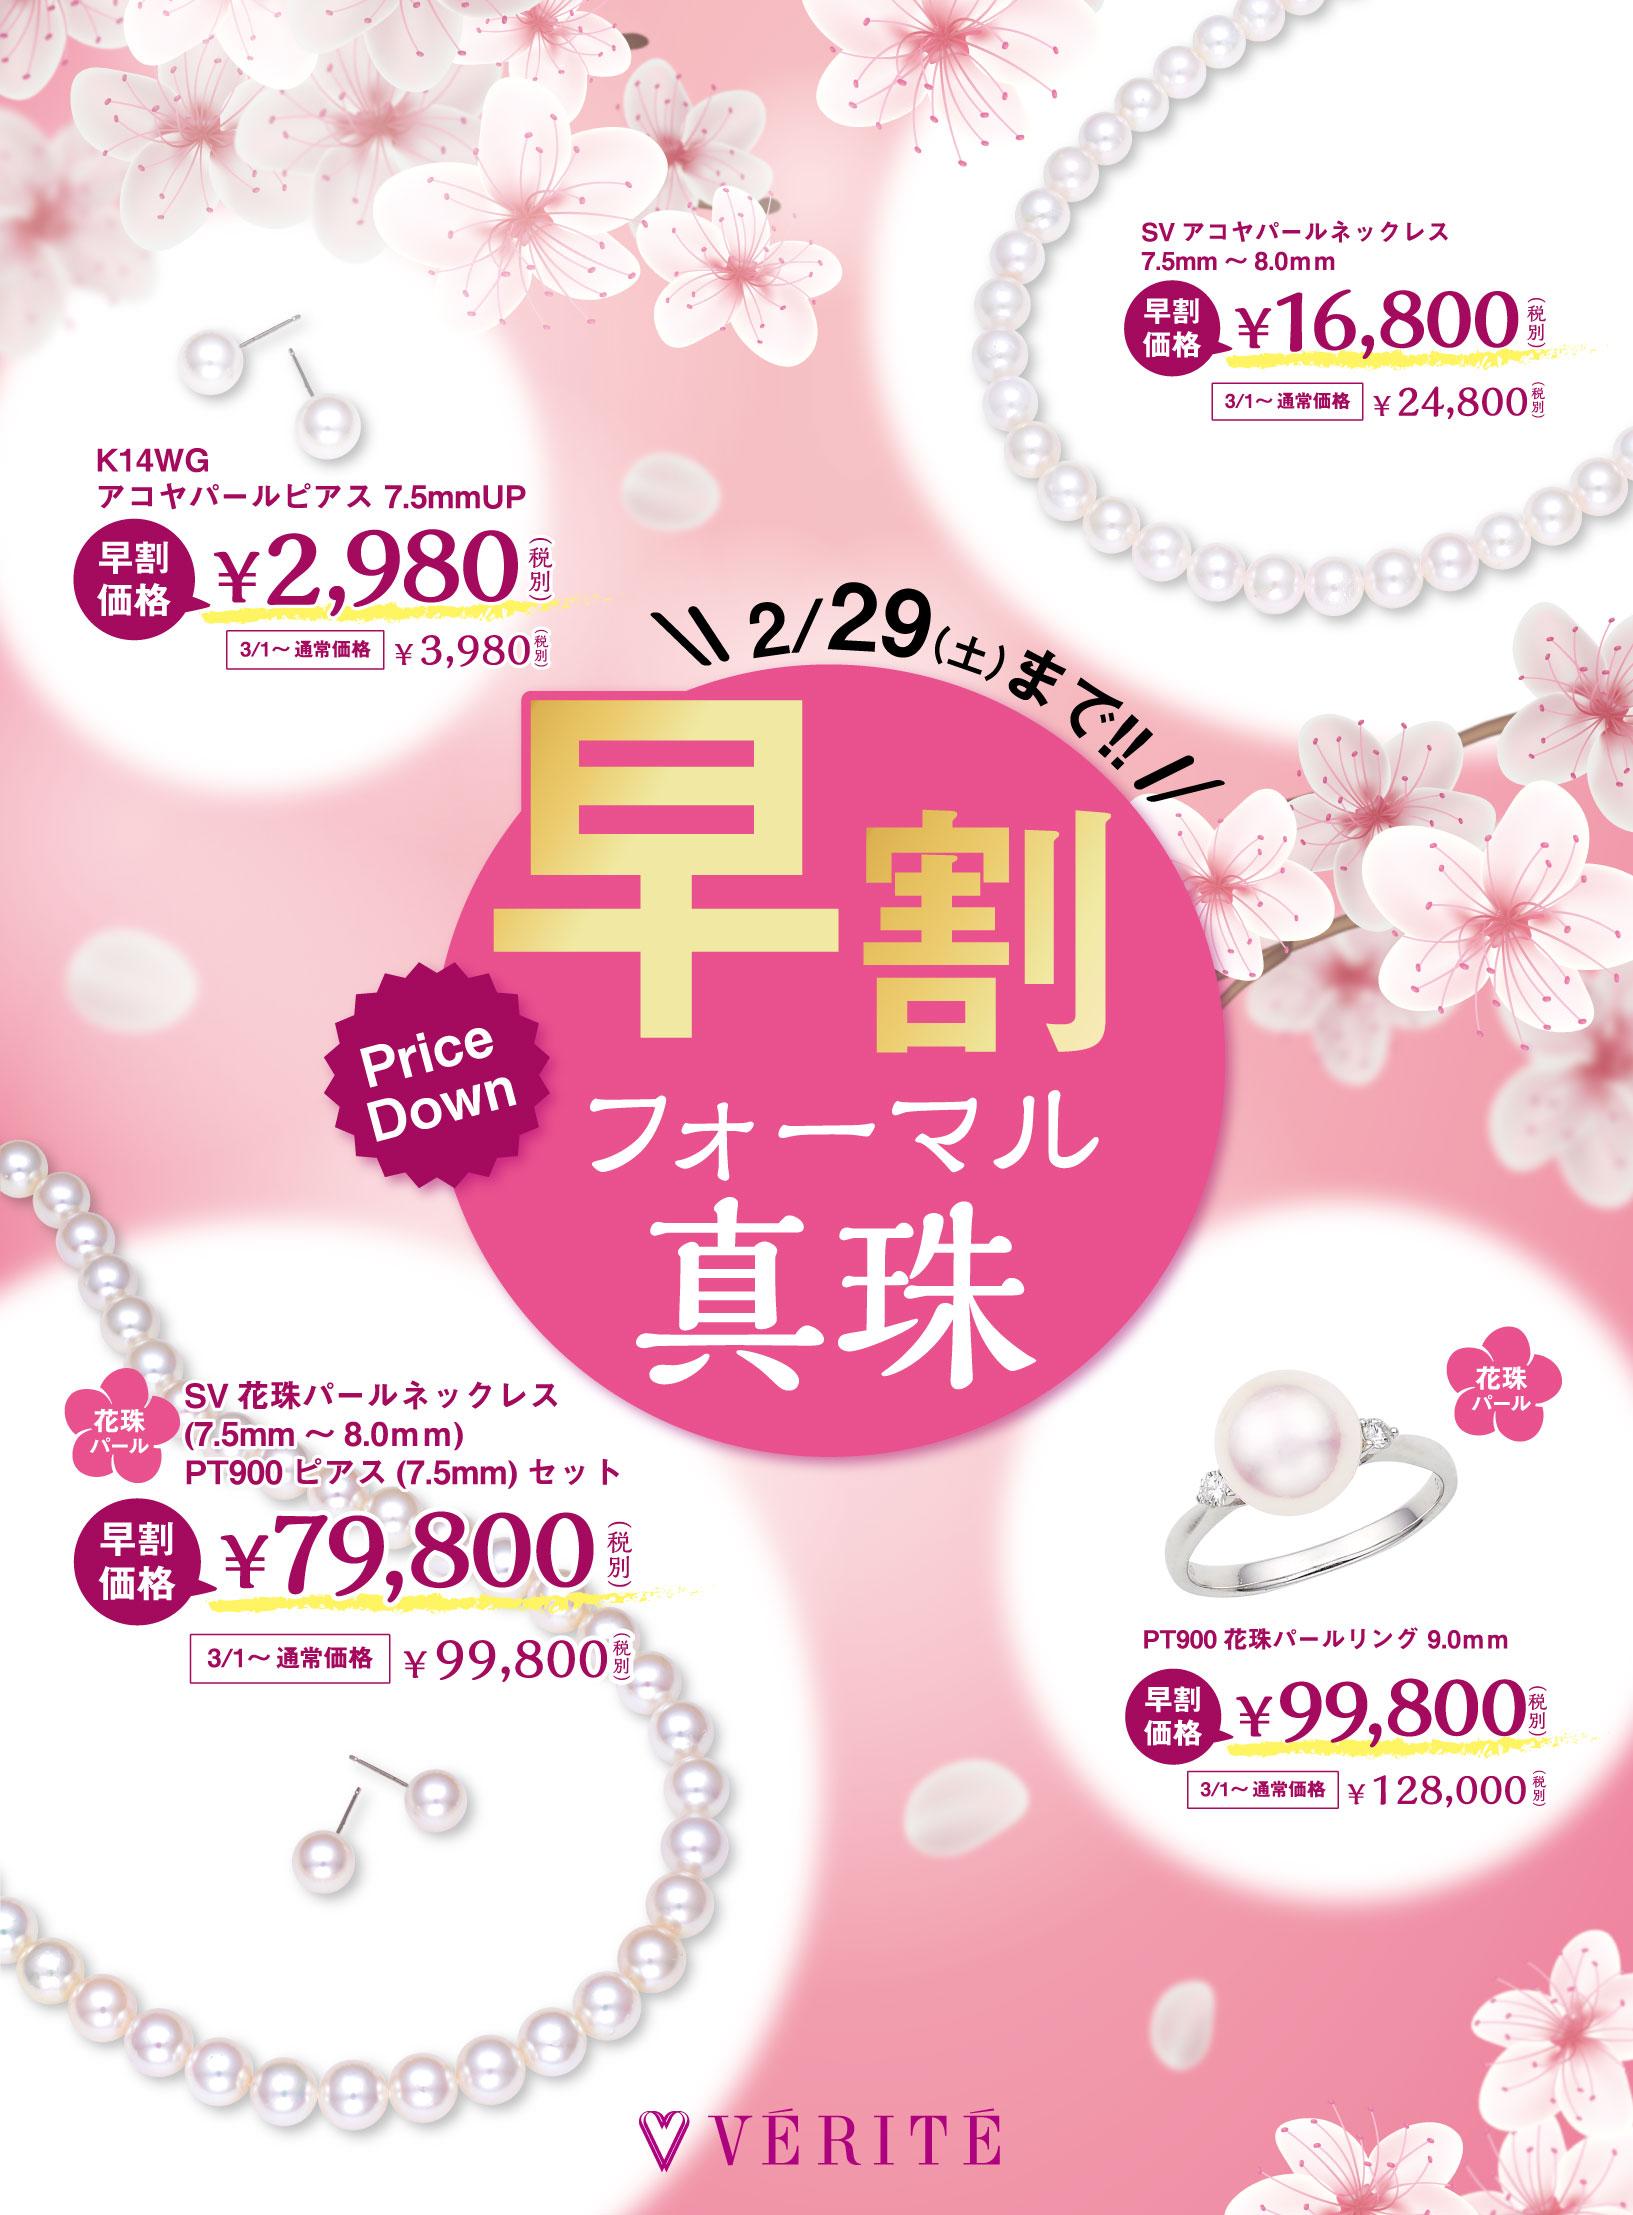 2/1(土)~期間限定、パールジュエリーを取り揃えた 「フォーマル真珠」開催!